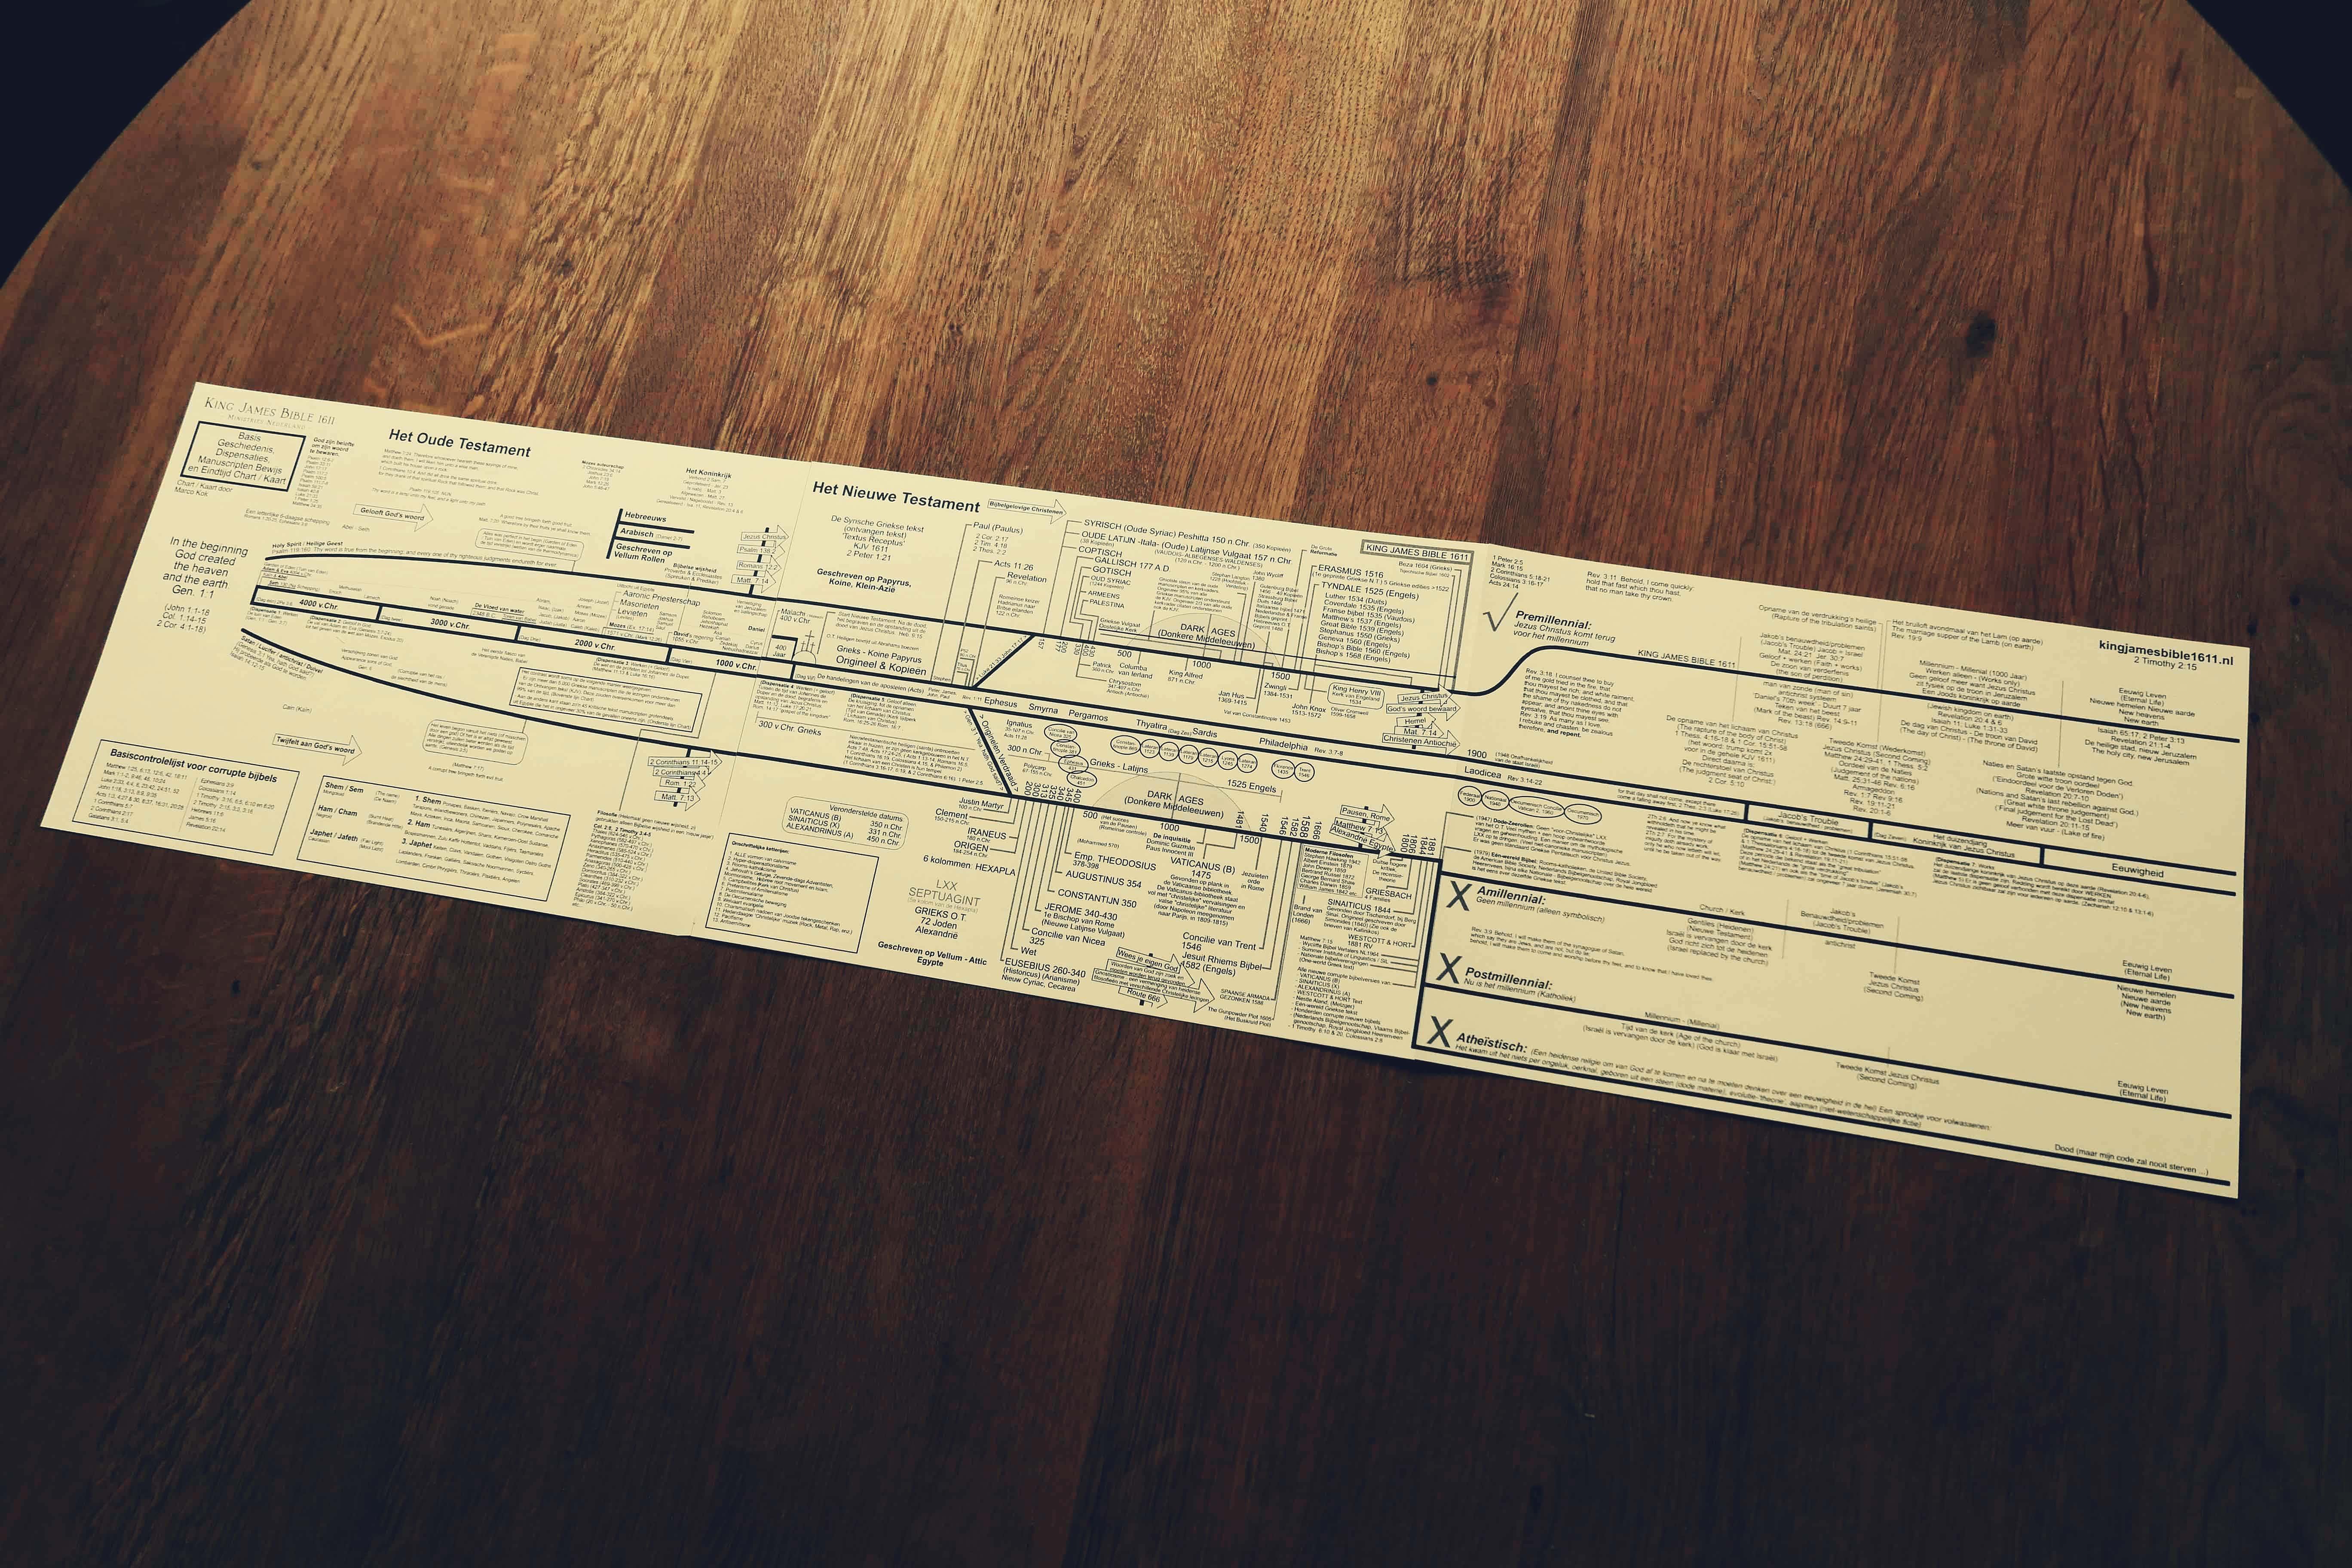 Basis, Geschiedenis, Dispensaties, Manuscripten Bewijs en Eindtijd Kaart / Chart - Marco Kok kingjamesbible.nl NL foto